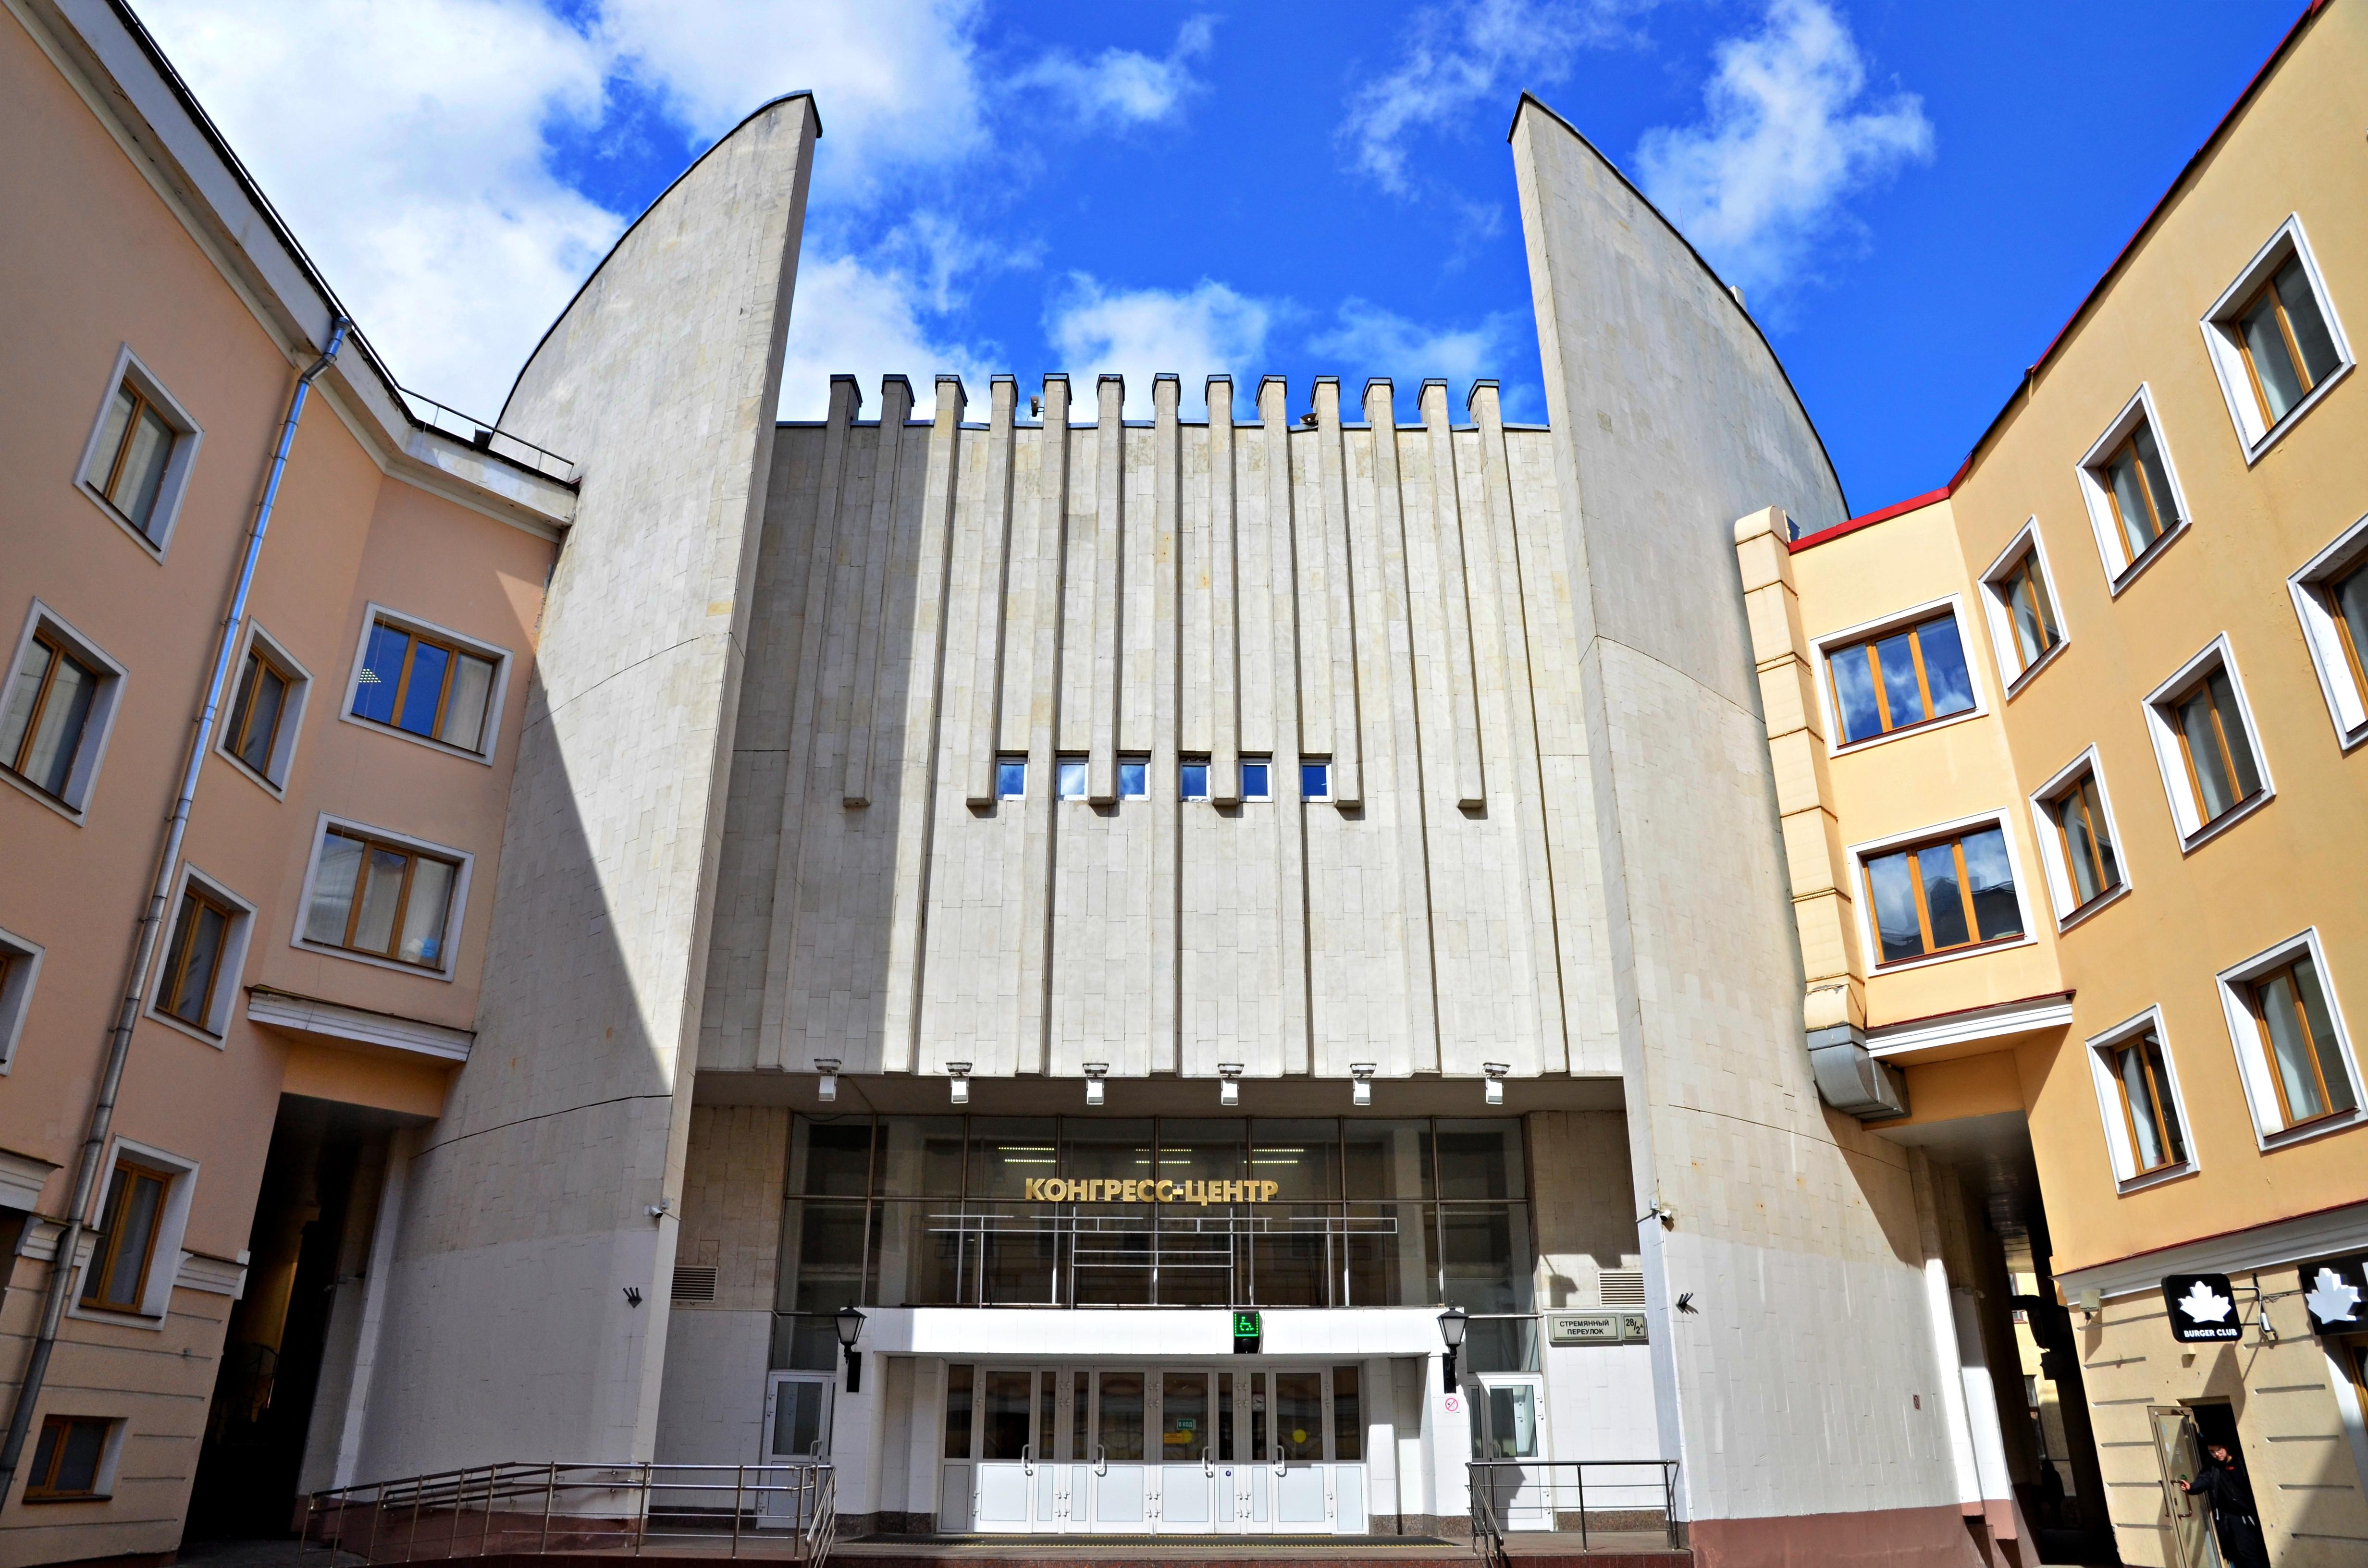 Неделя экономической науки стартовала в Плехановском университете в онлайн-формате. Фото: Анна Быкова